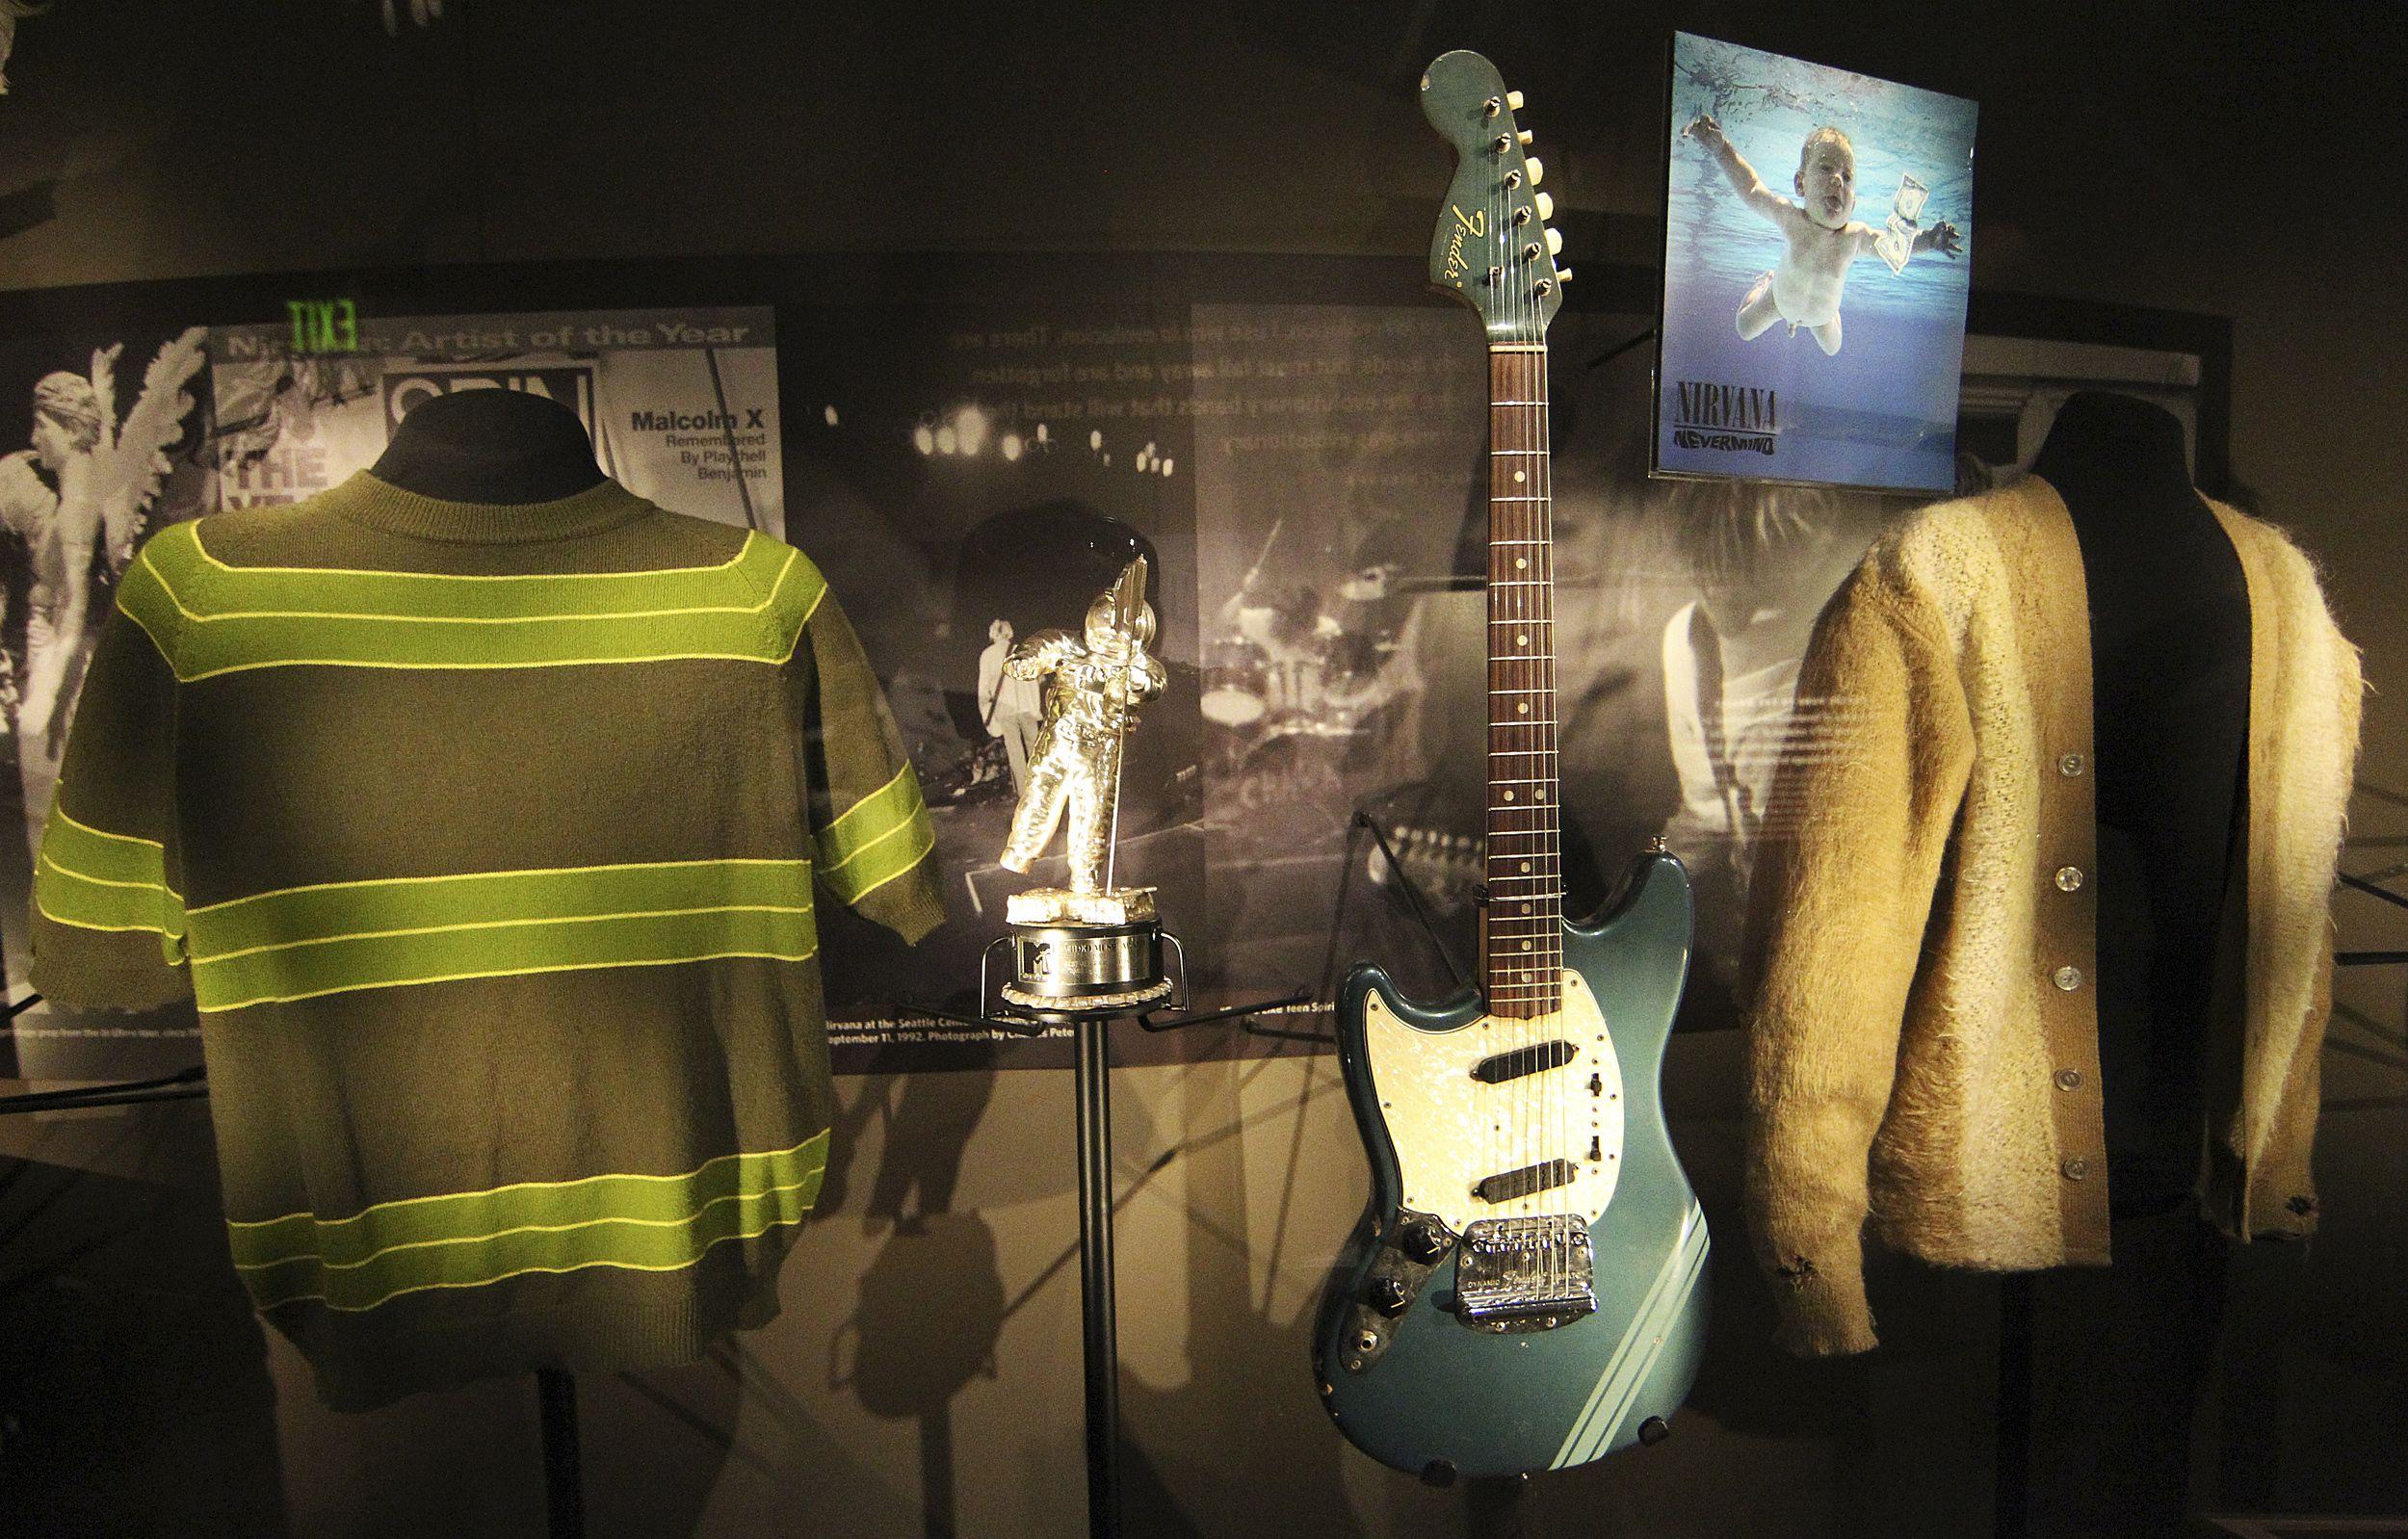 foto: 2 - Exposição sobre o Nirvana em SP começa dia 12 de setembro